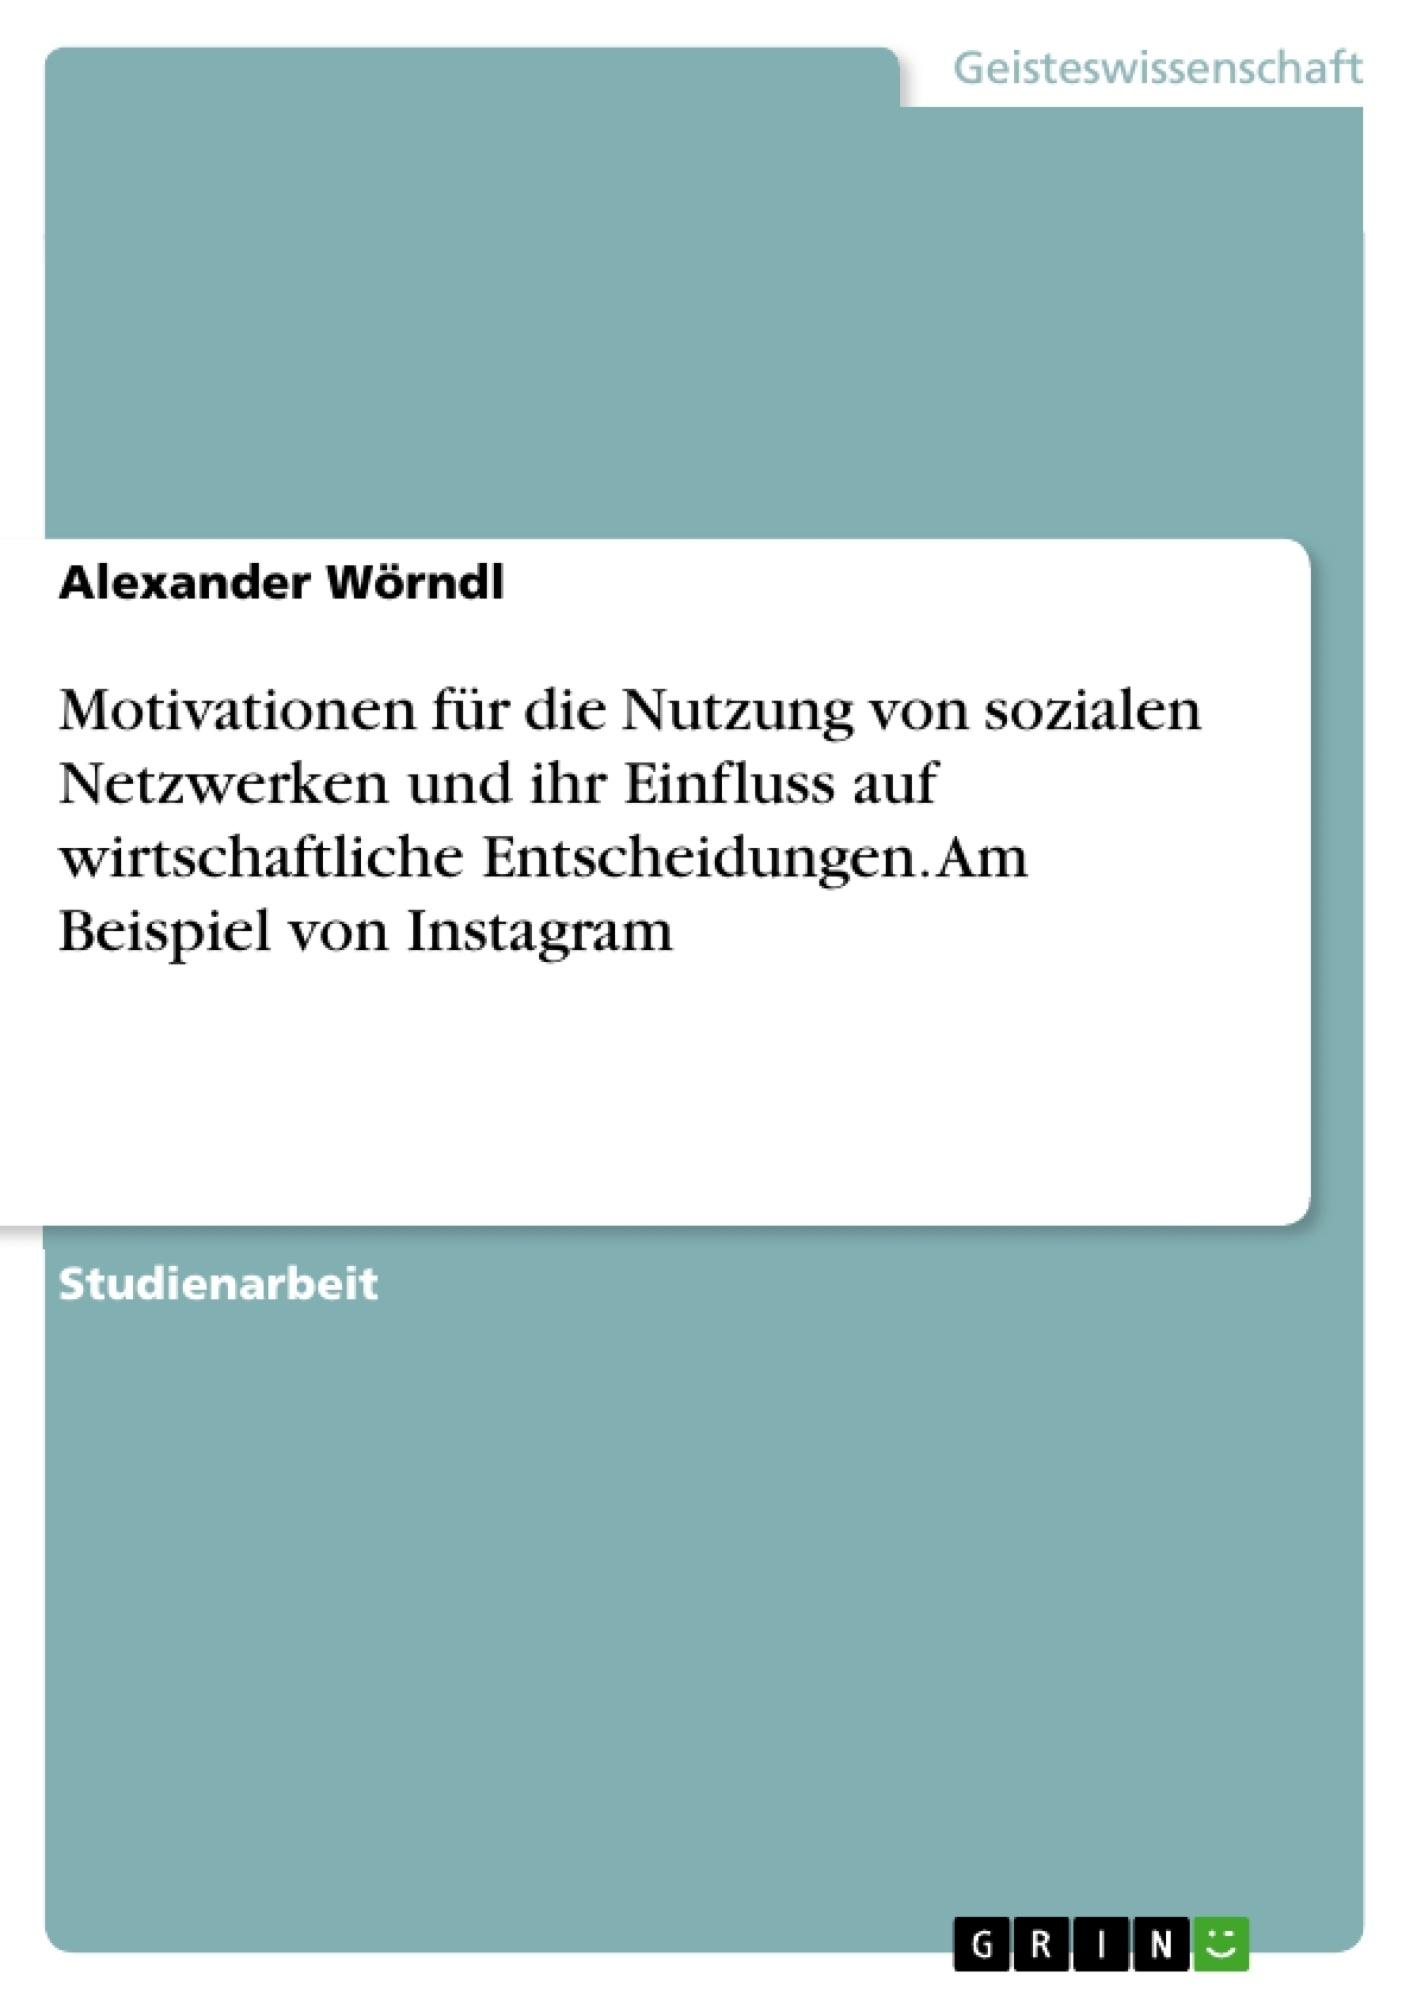 Titel: Motivationen für die Nutzung von sozialen Netzwerken und ihr Einfluss auf wirtschaftliche Entscheidungen. Am Beispiel von Instagram